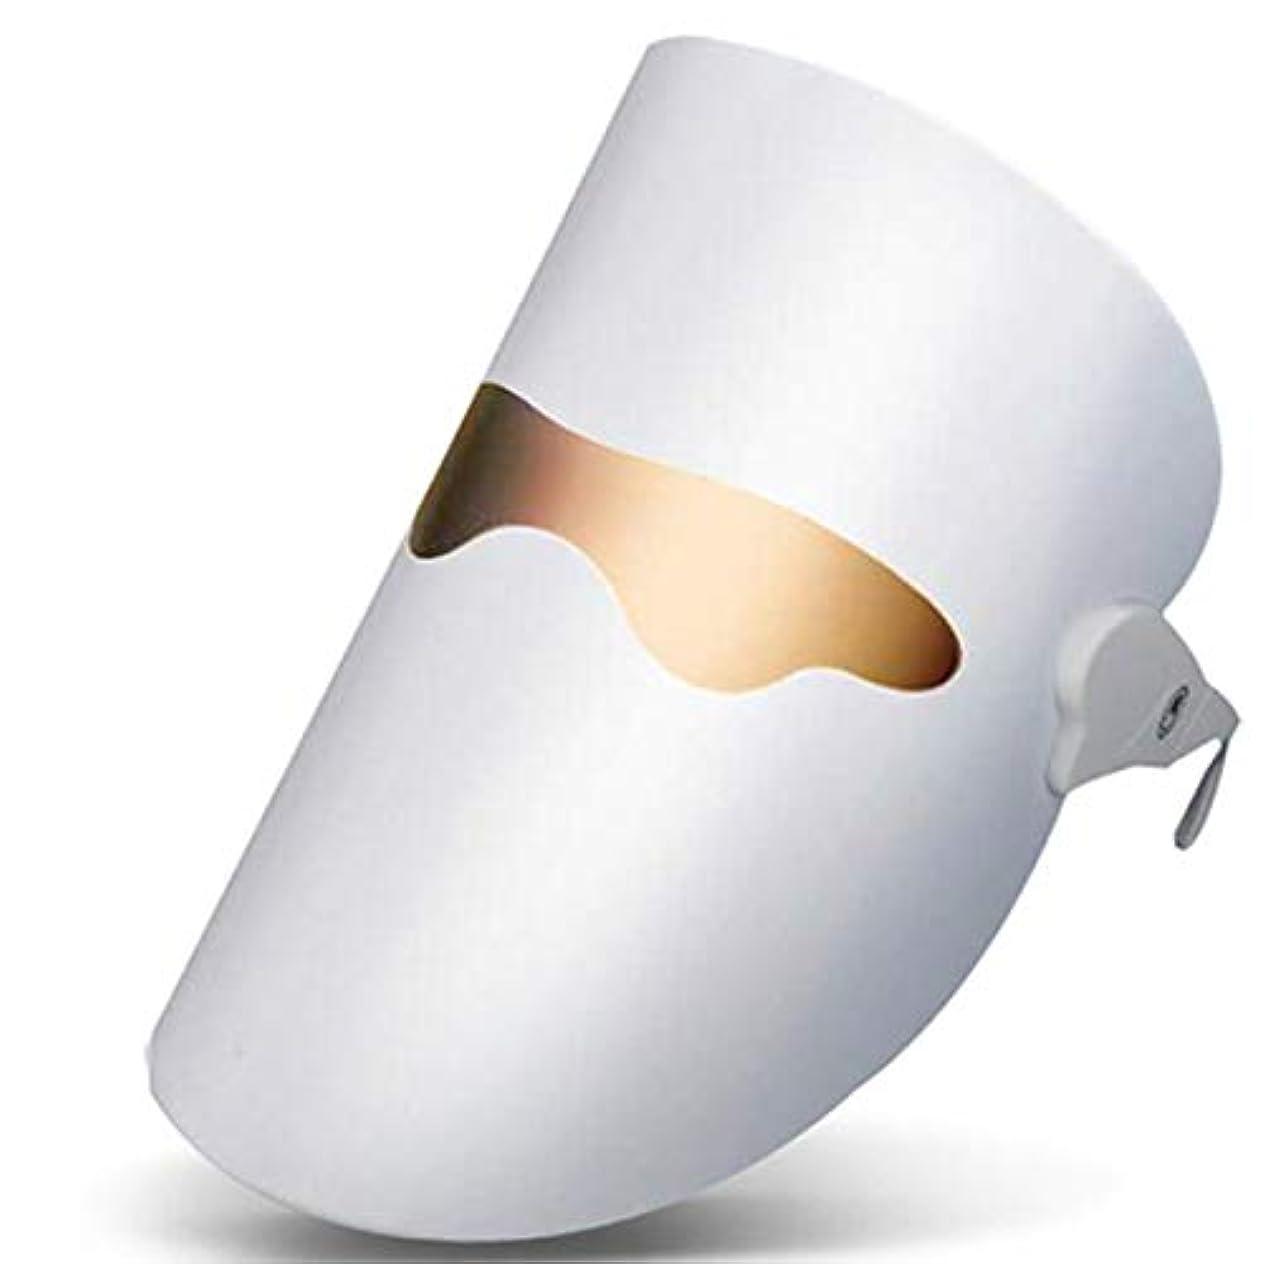 地味なシャーロックホームズゲージ美顔器 光エステ LED美顔マスク 3色 美容 たるみ ほうれい線 美肌 ニキビ対策 コラーゲン生成 美白 エイジングケア電気